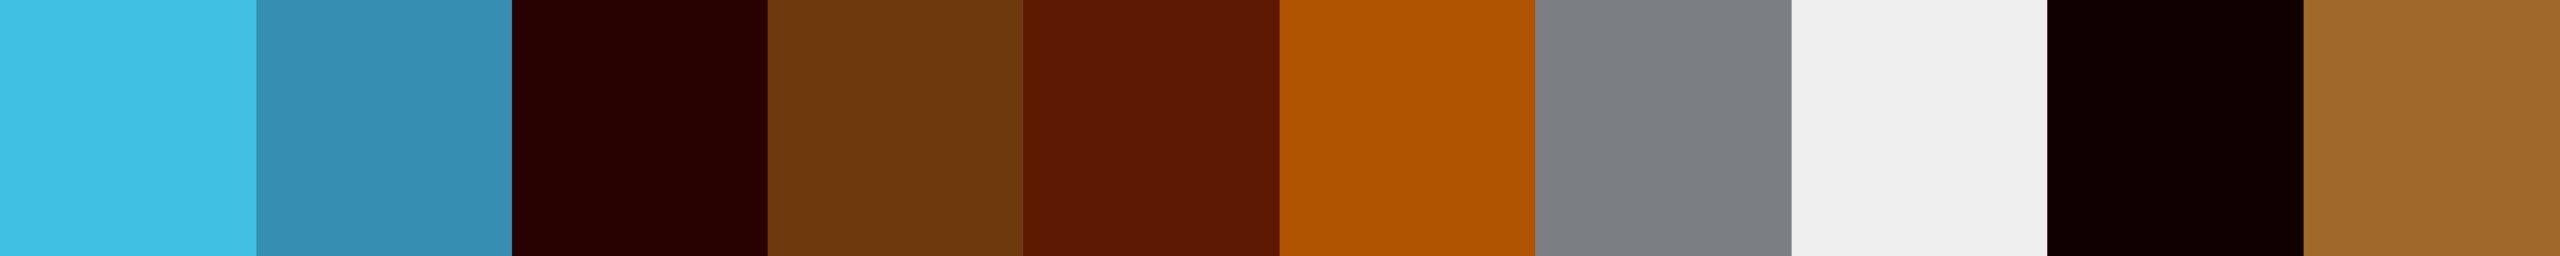 52 Lebaria Color Palette